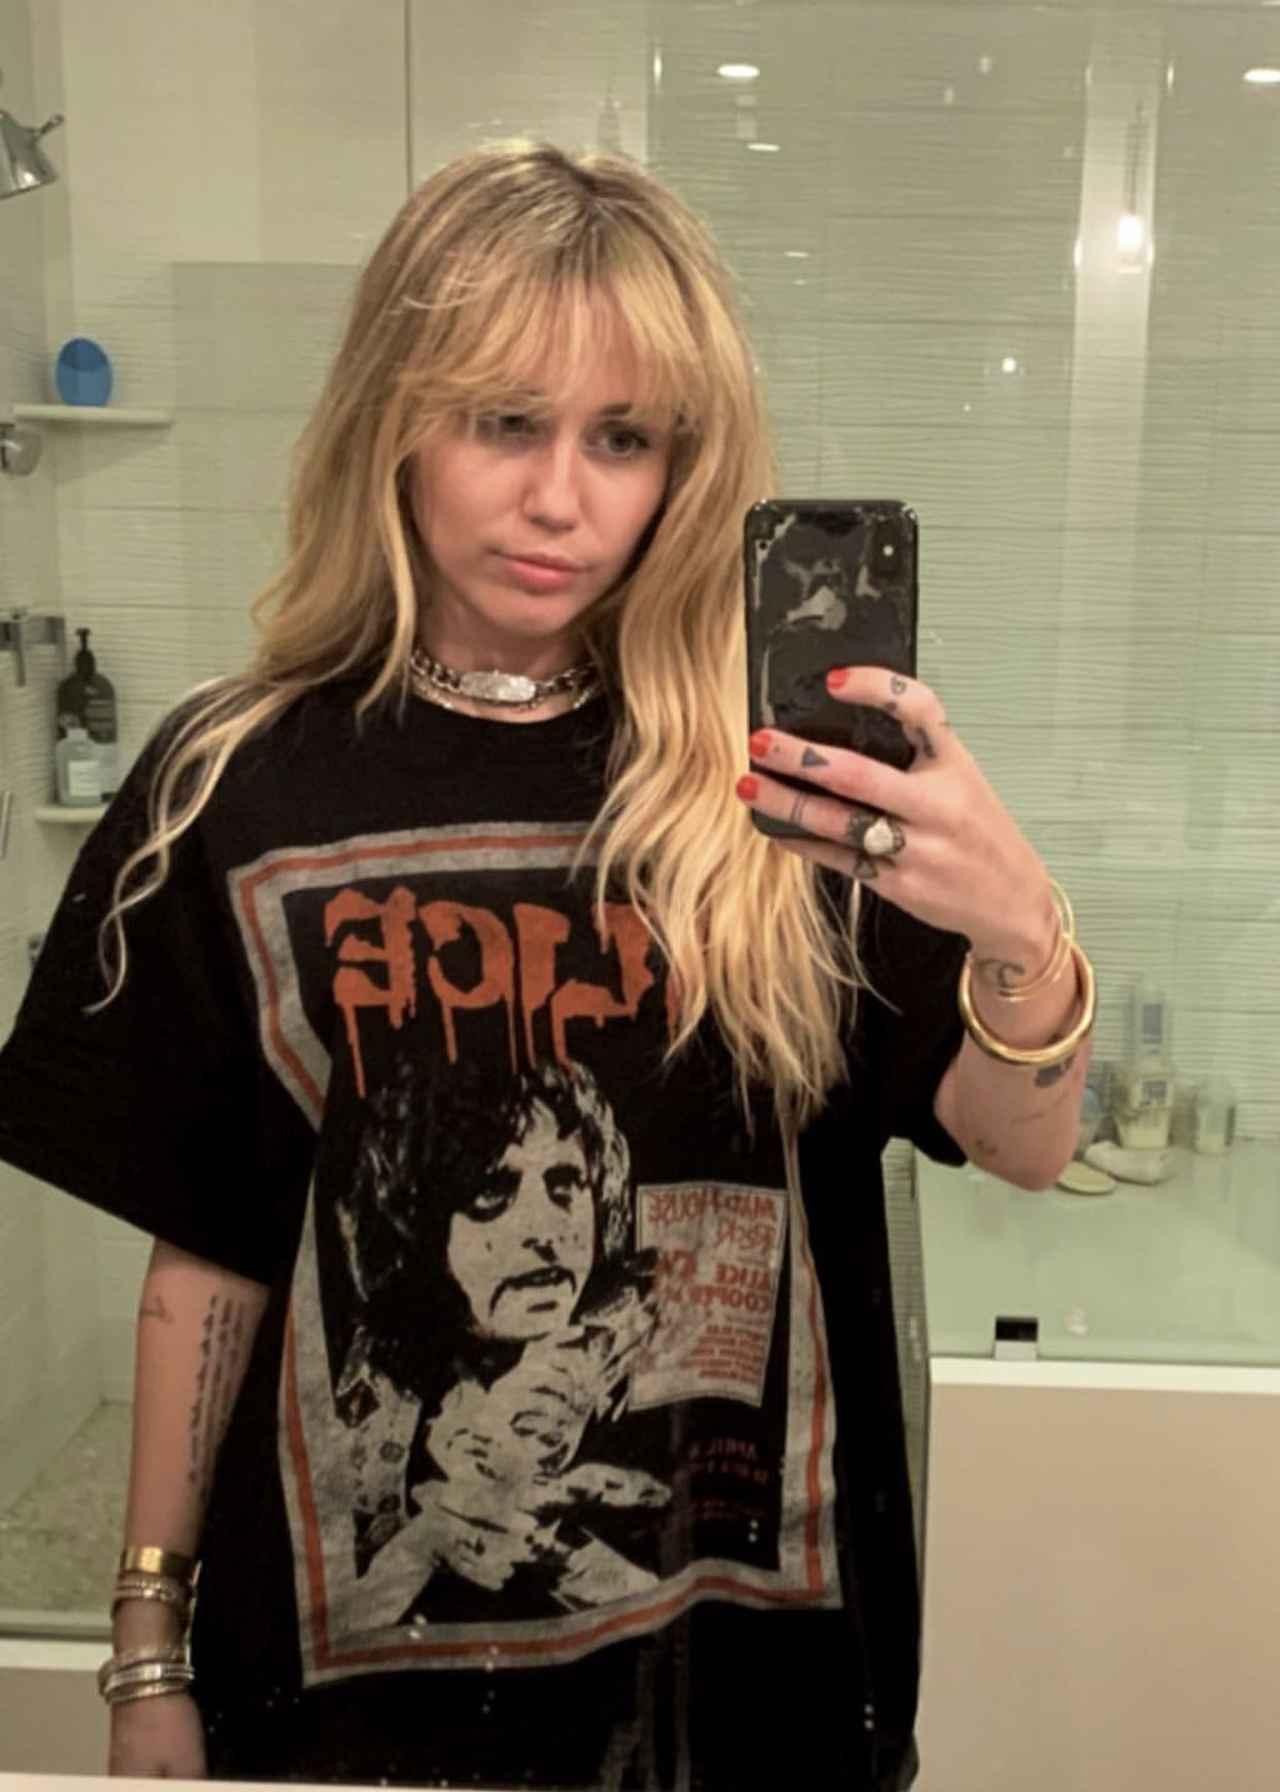 画像2: Miley Cyrus/Twitter